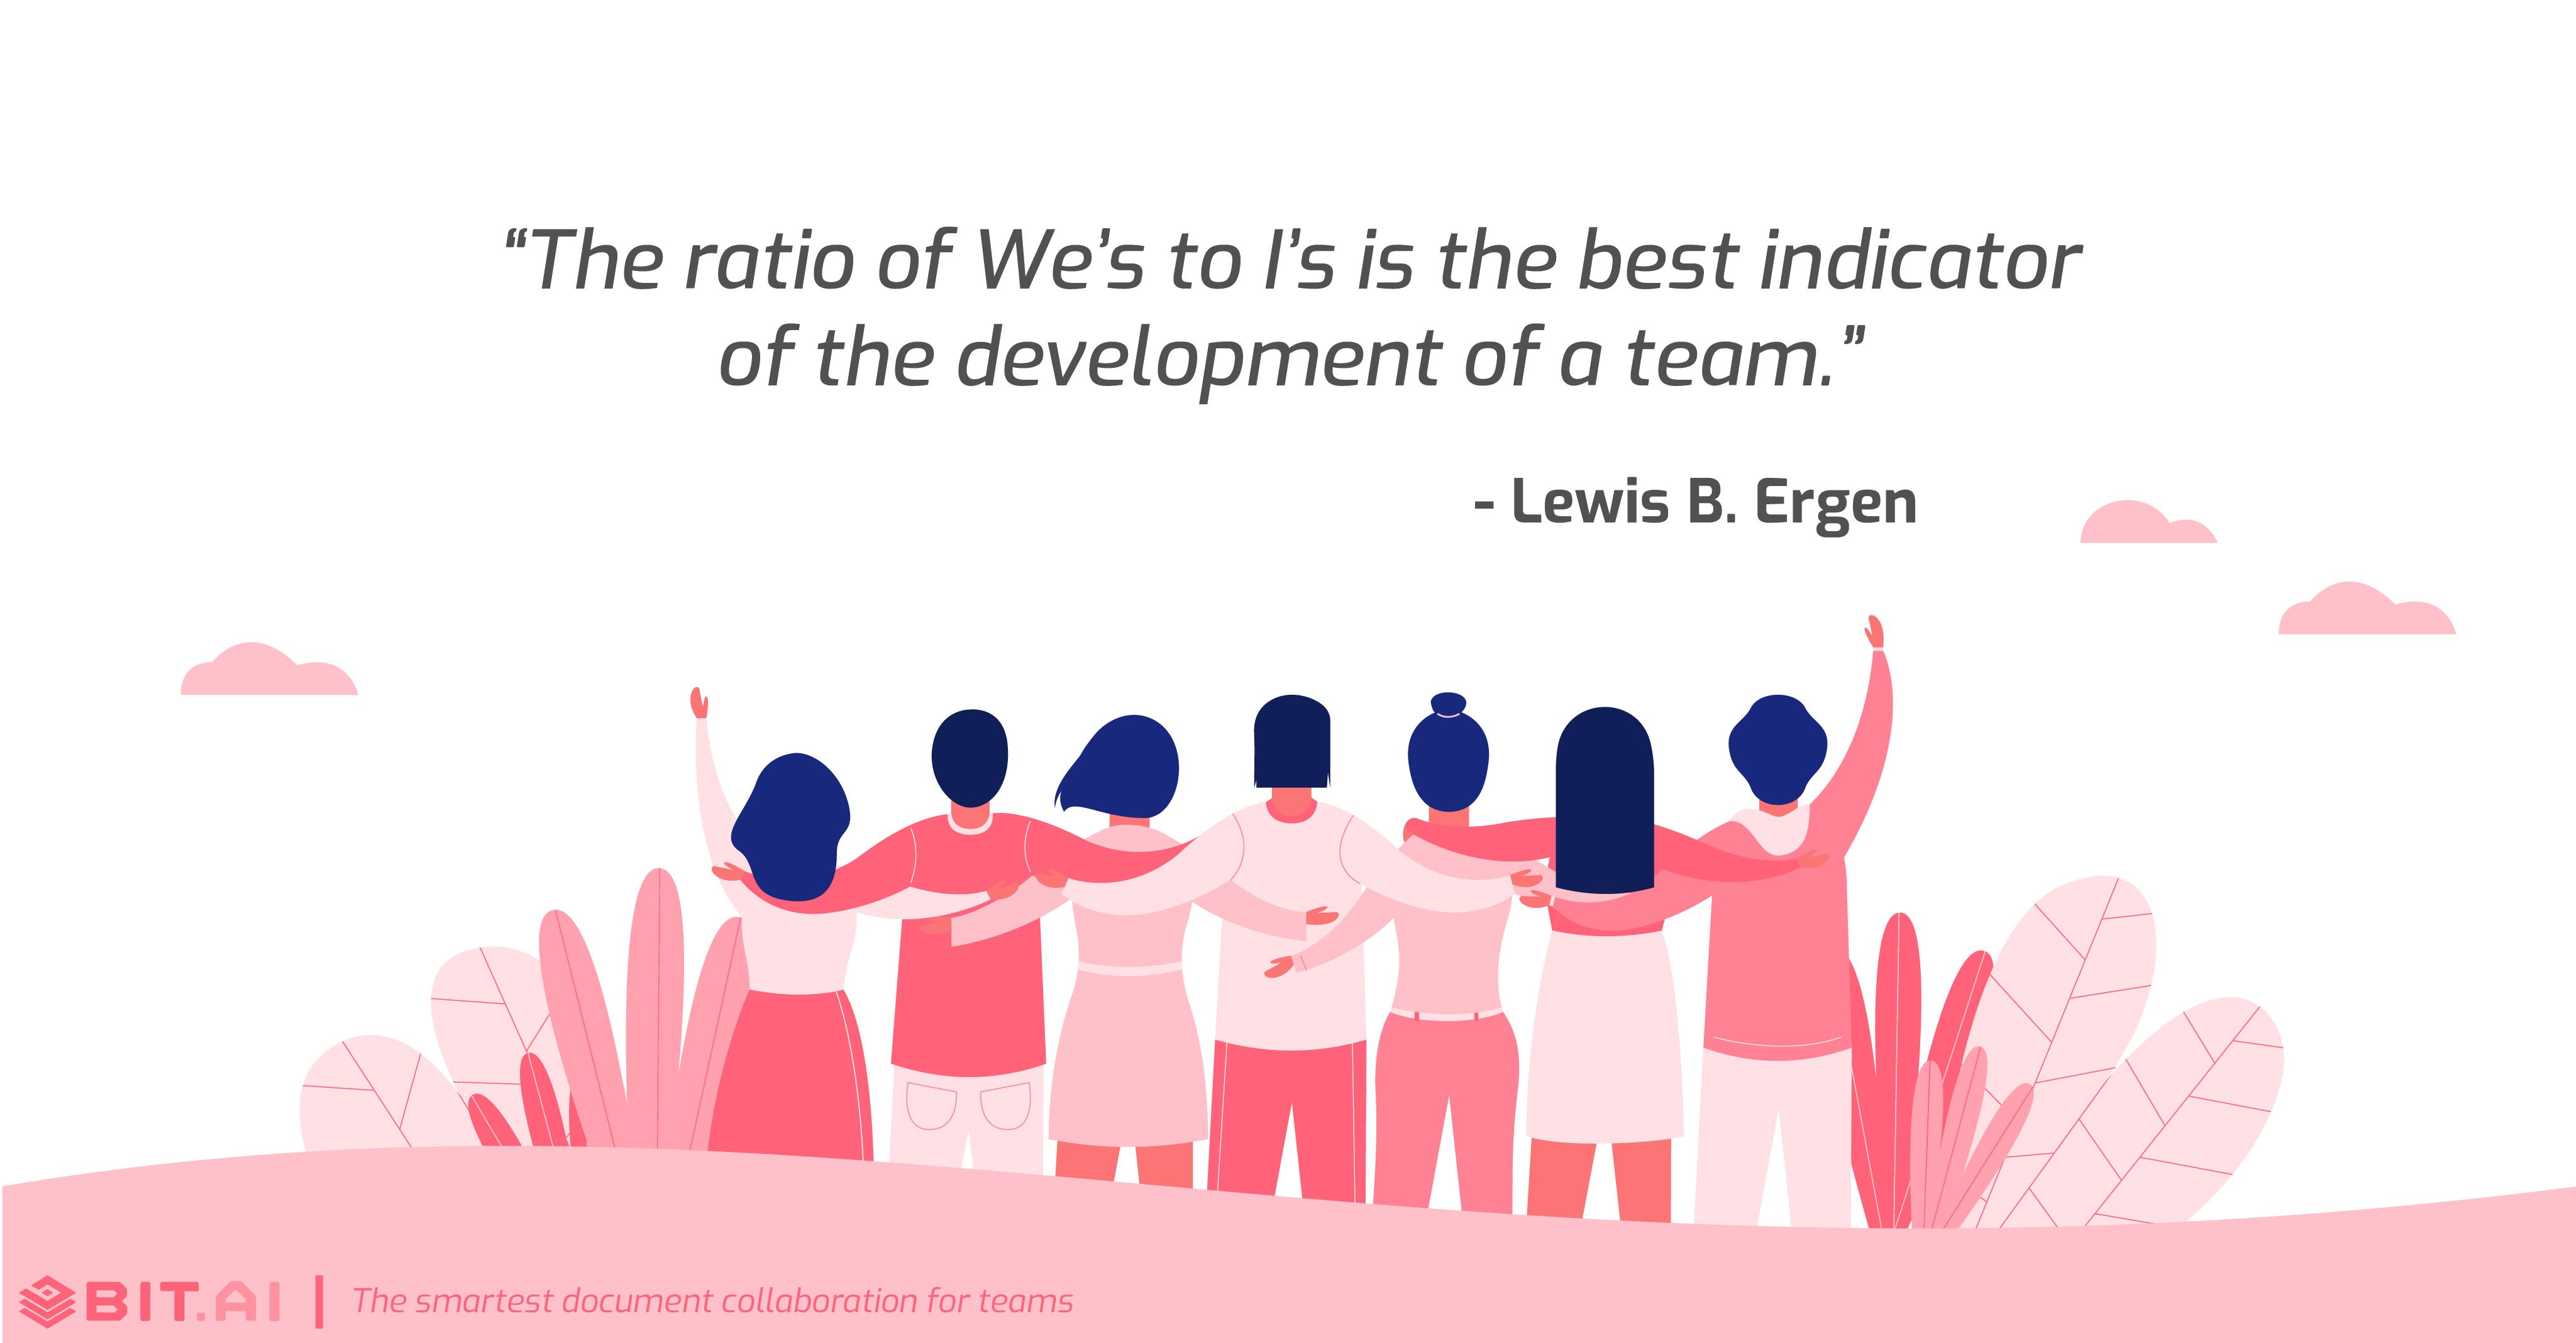 Teamwork collaboration quote by Lewis B. Ergen